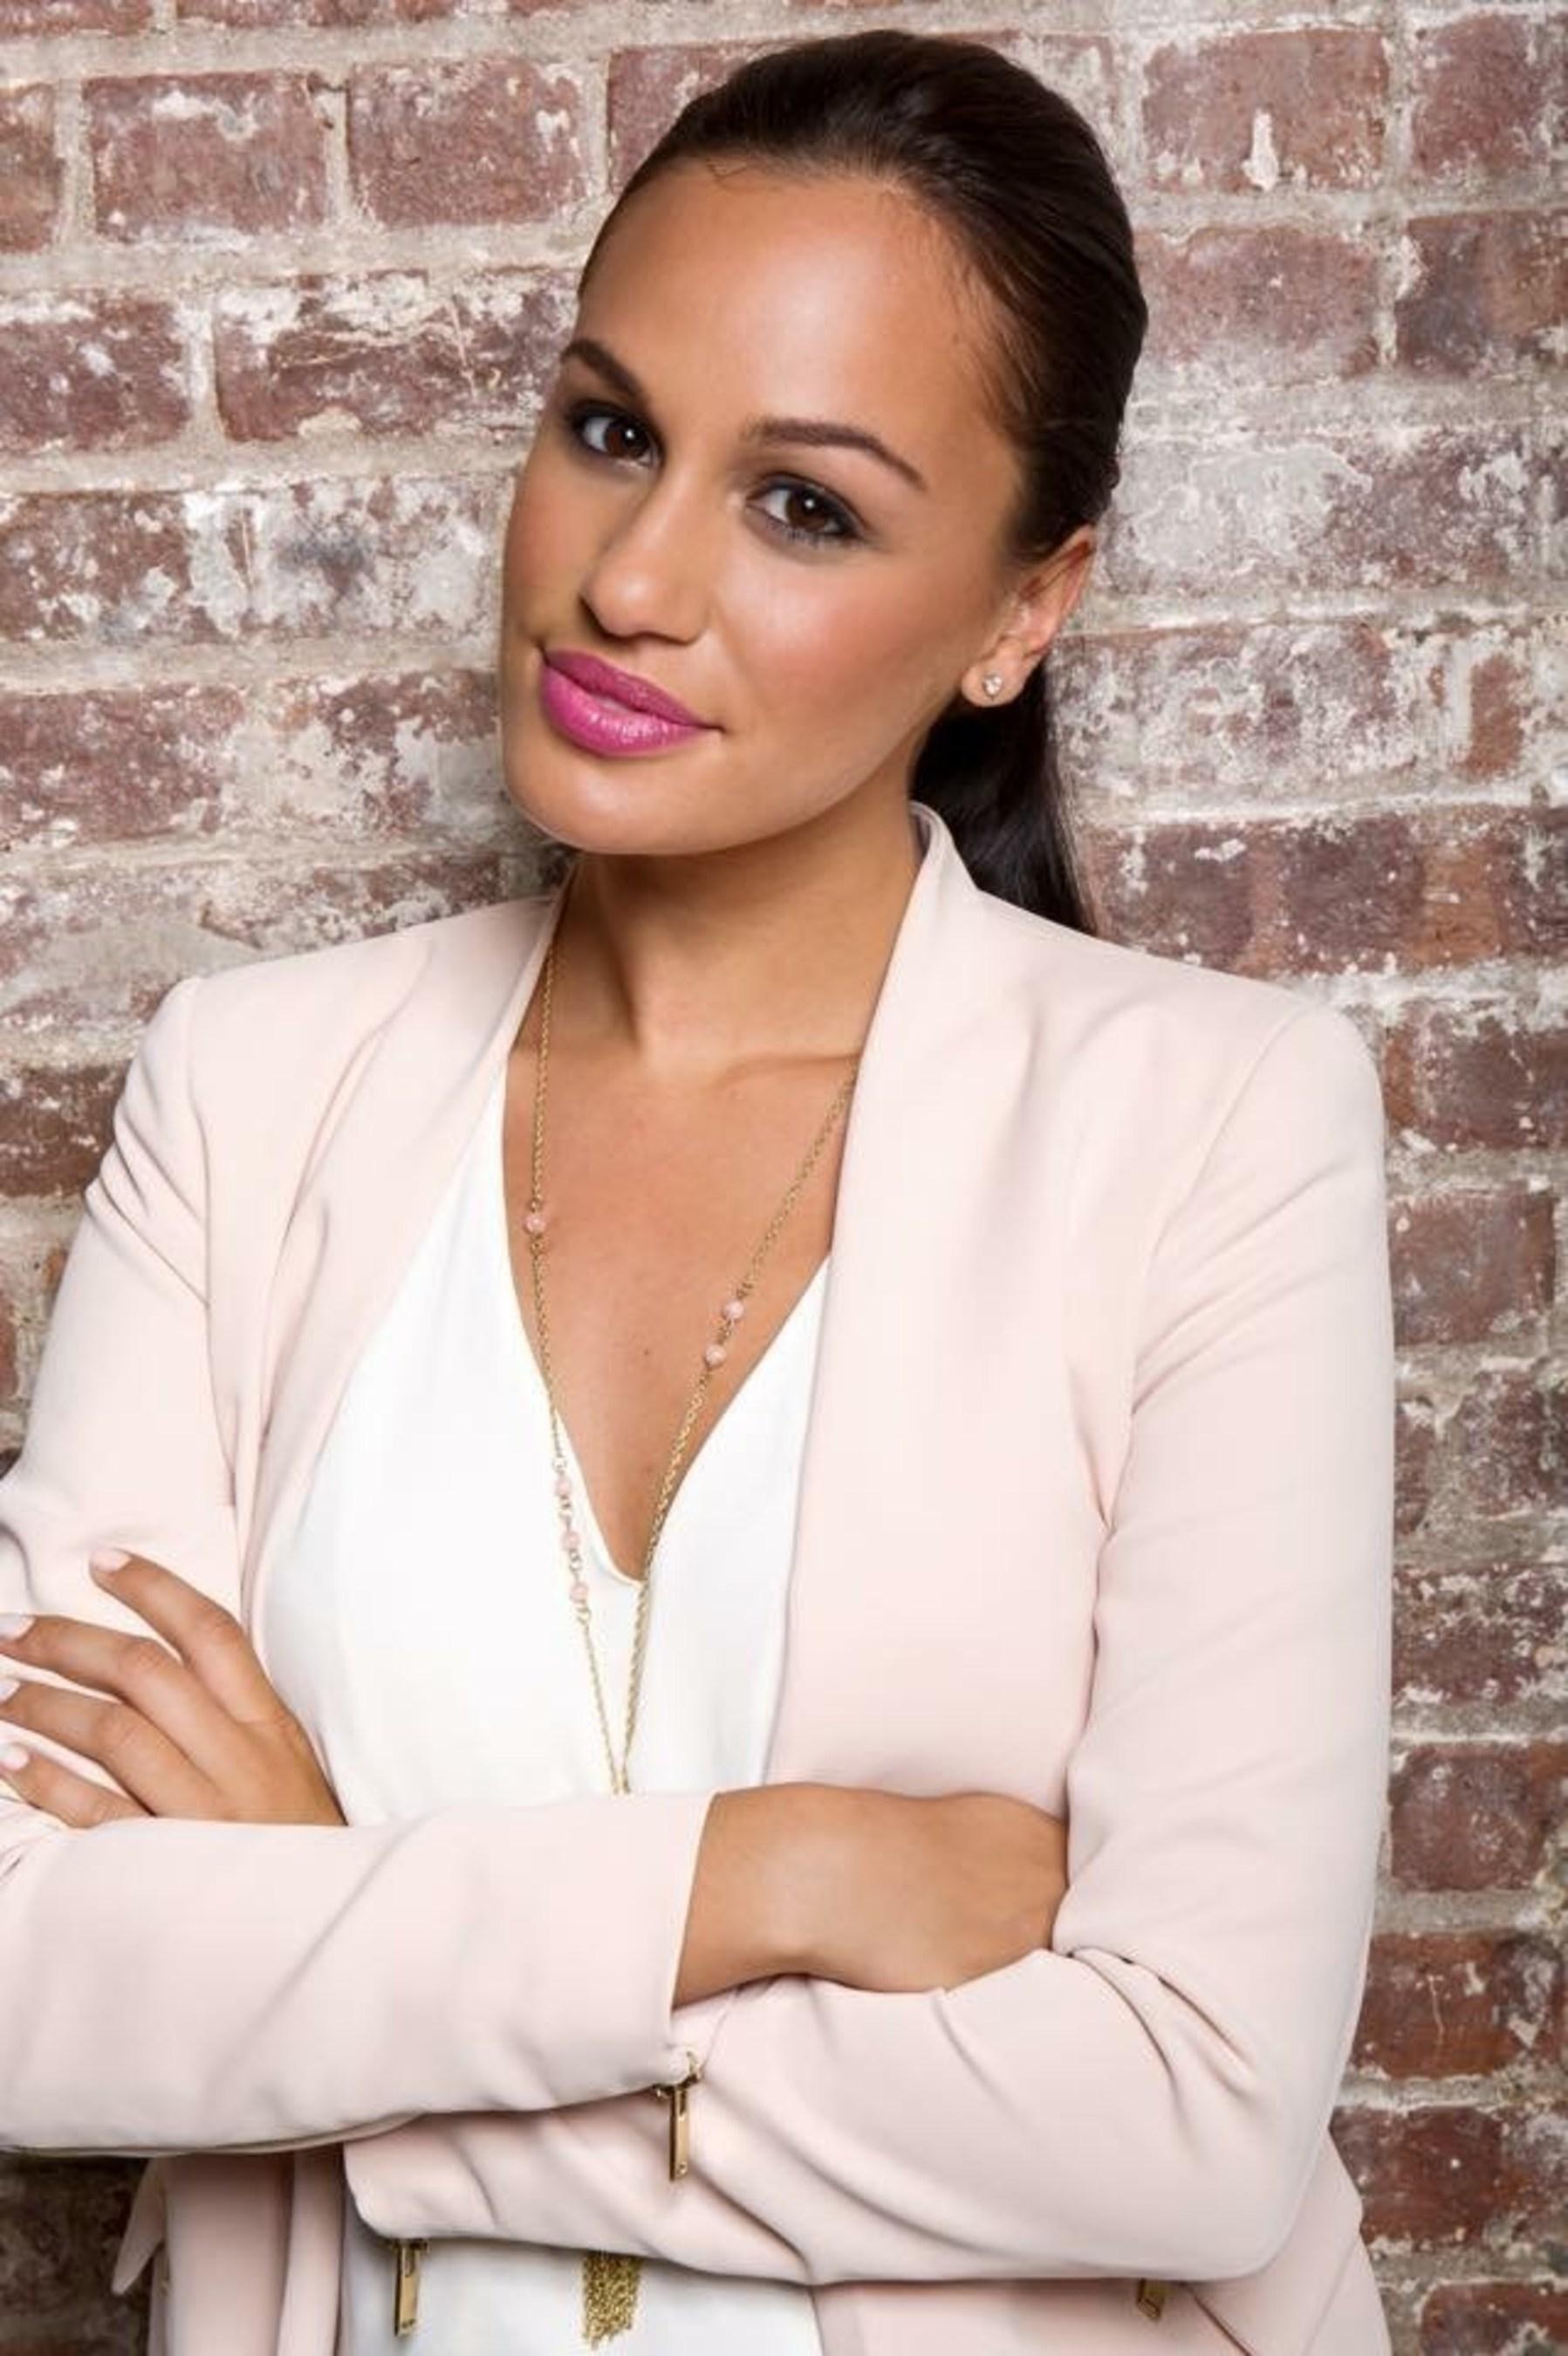 La actriz, modelo y estrella de televisión Dariany Santana se une a la Asociación Nacional de